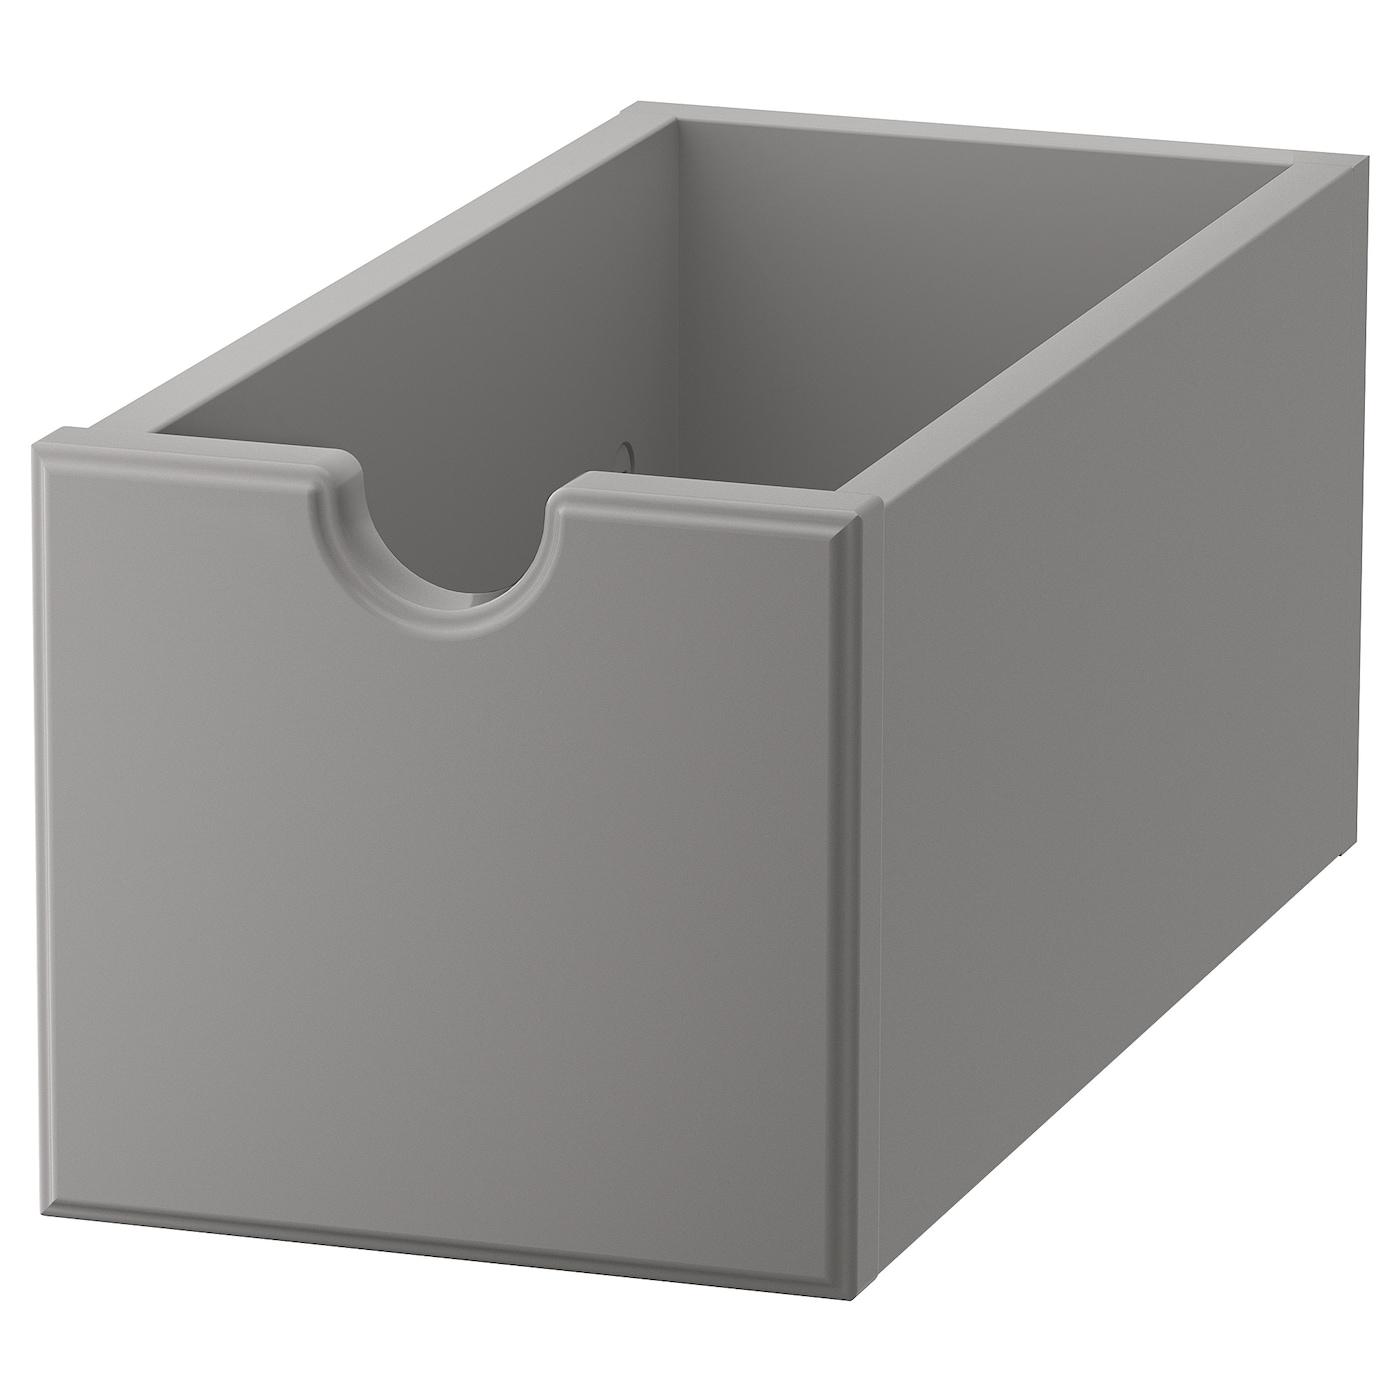 TORNVIKEN Box